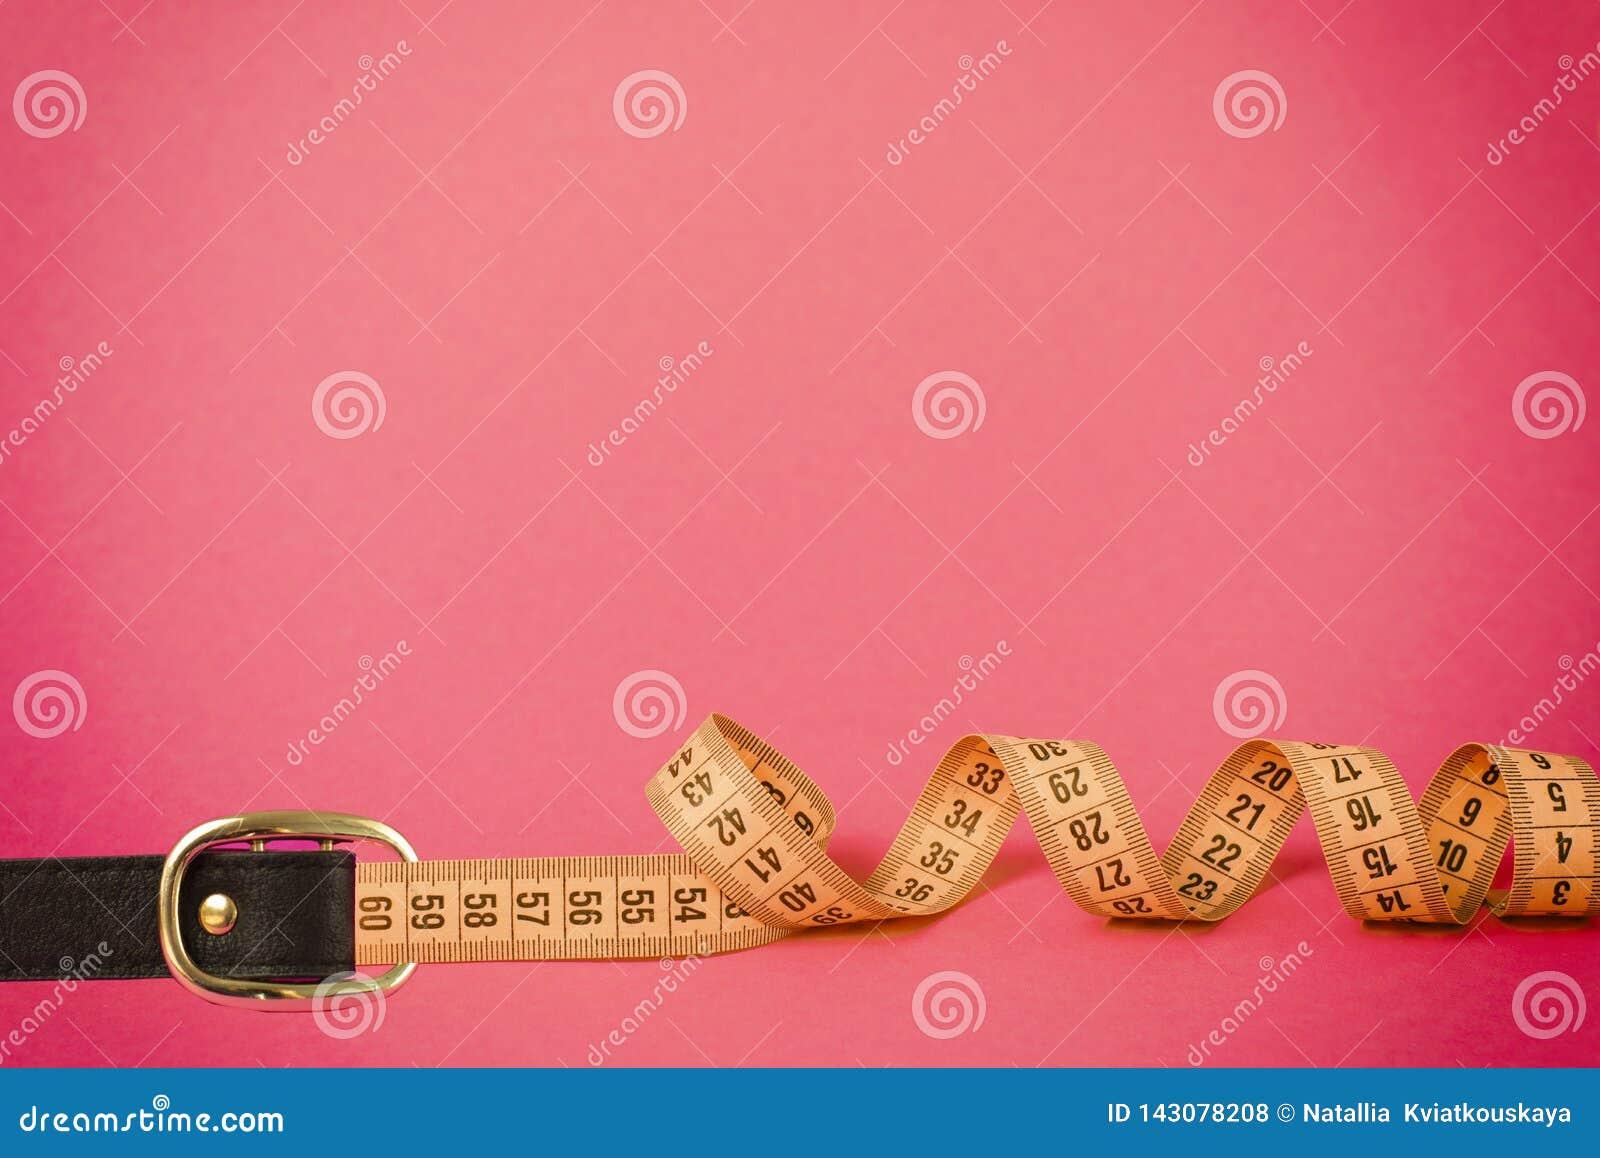 Cinghia del fermaglio di misura di nastro per la misura di giro della vita di perdita di peso